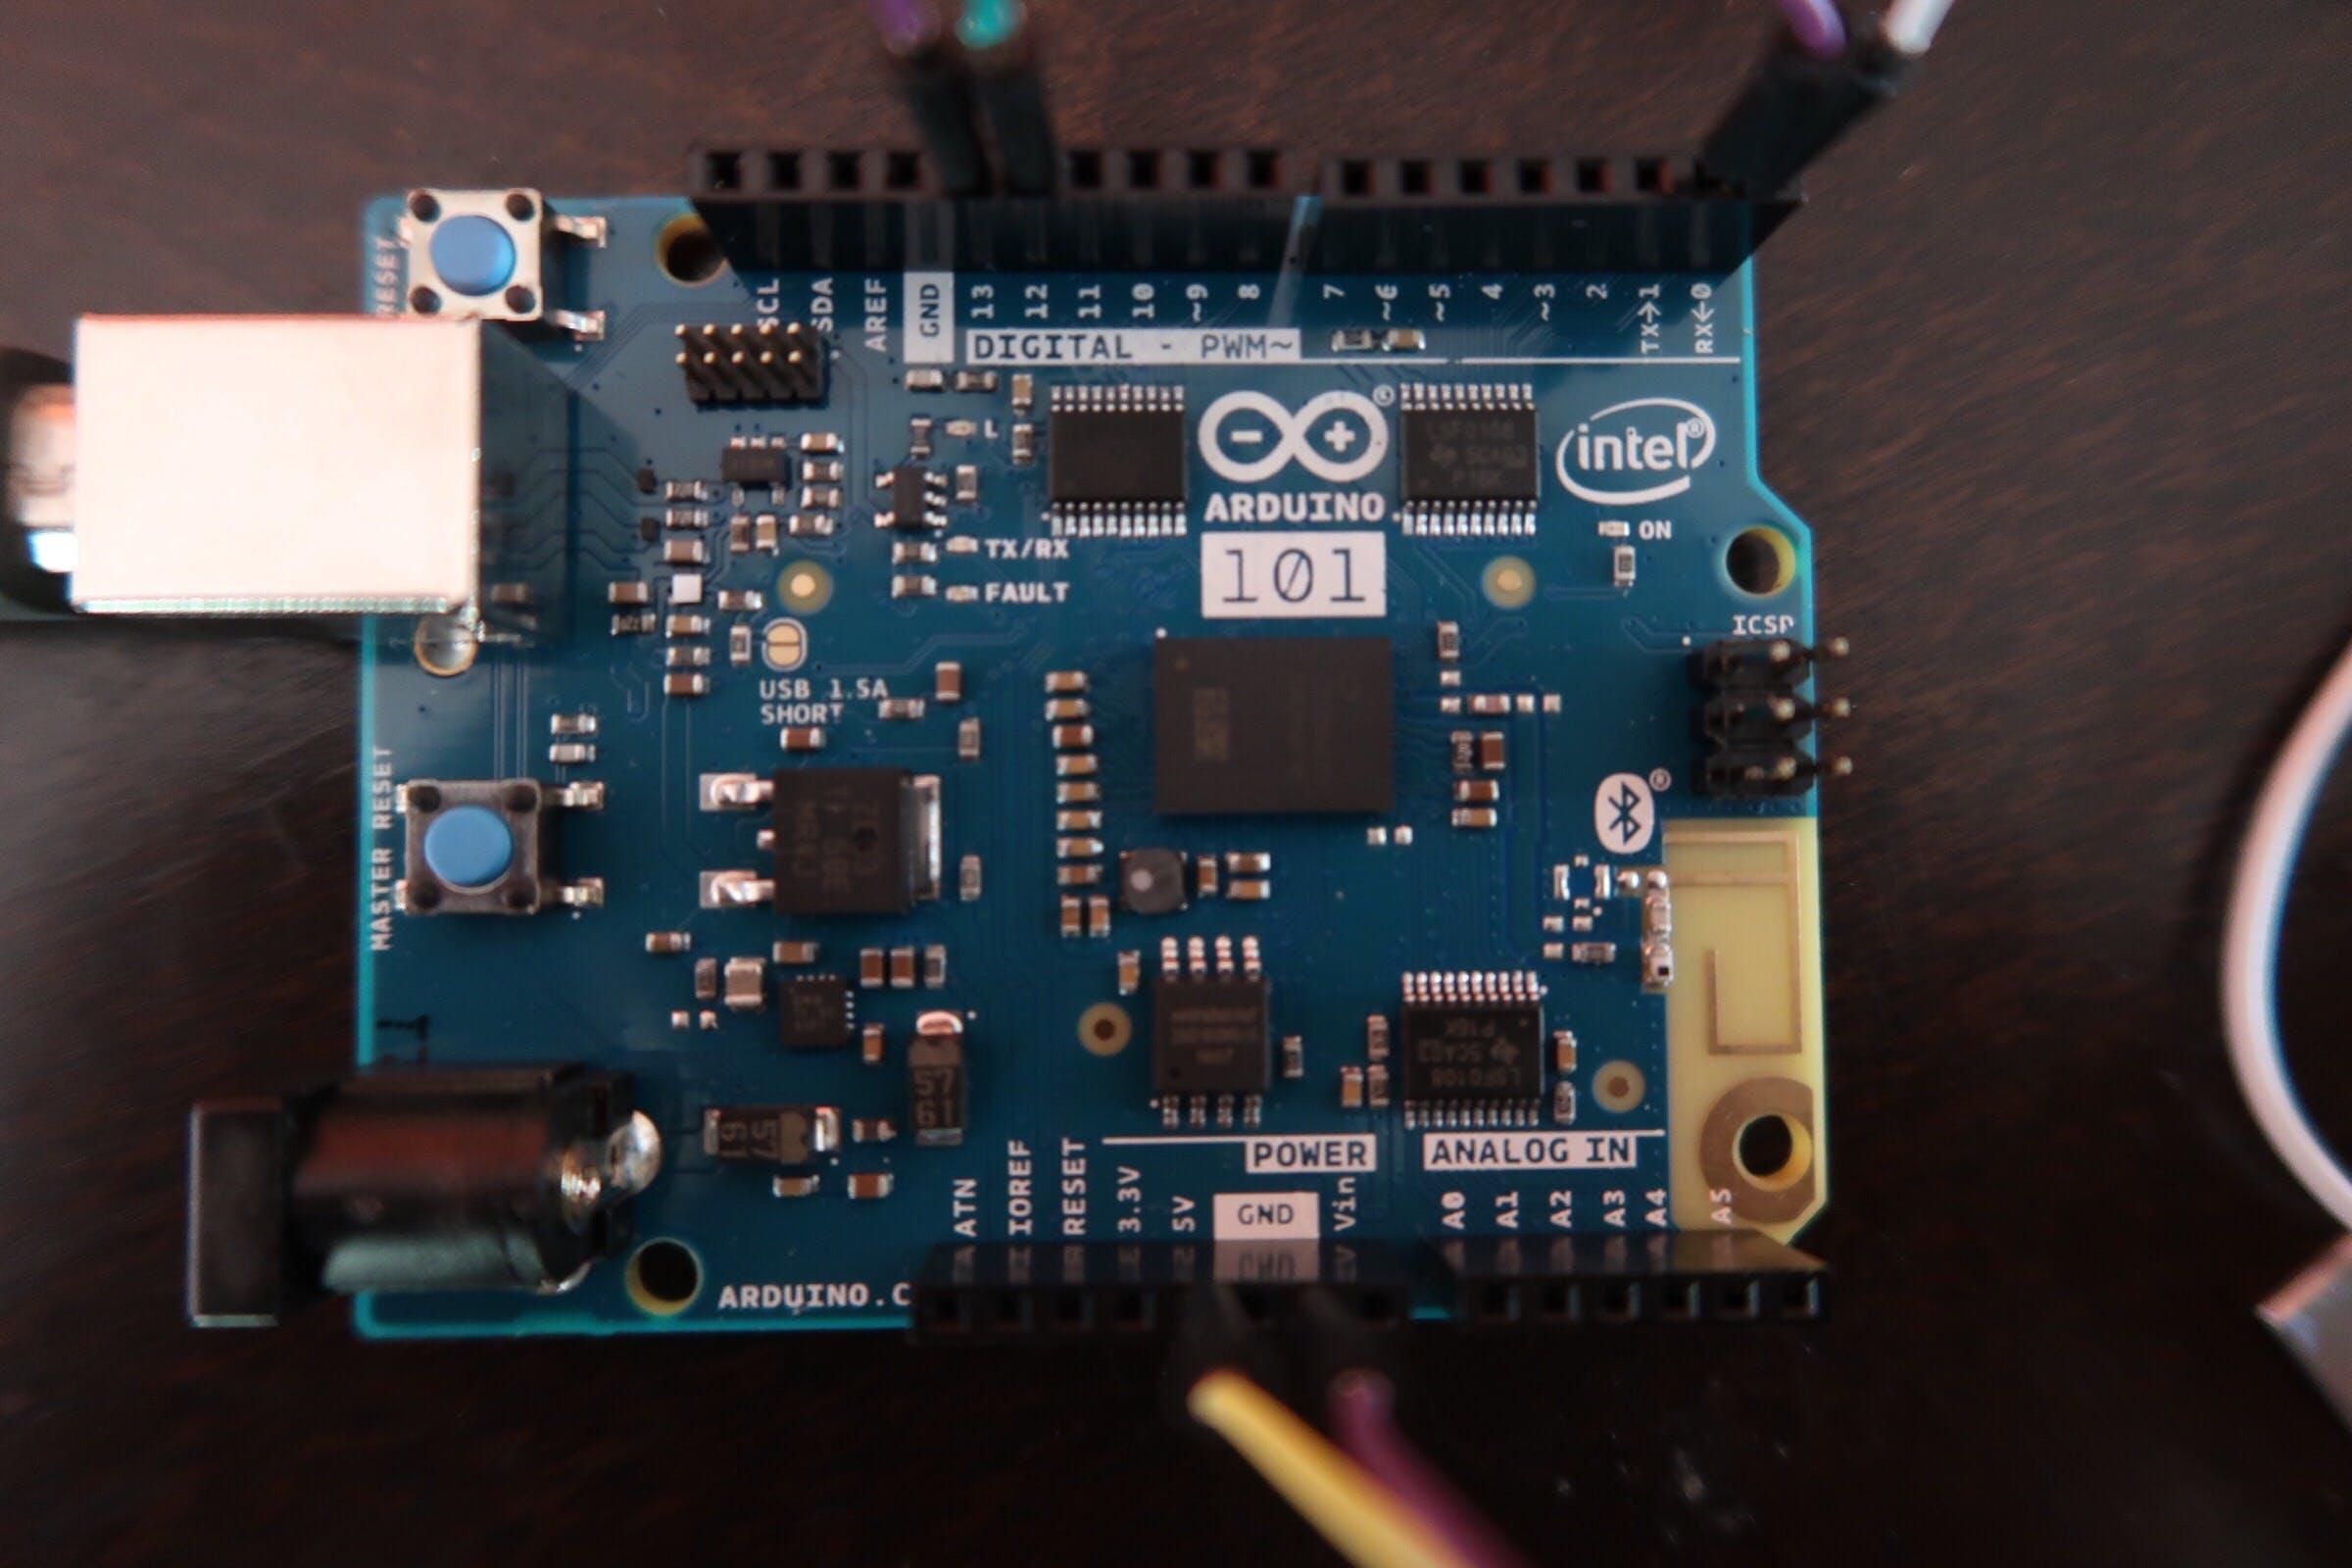 Arduino 101's Wiring